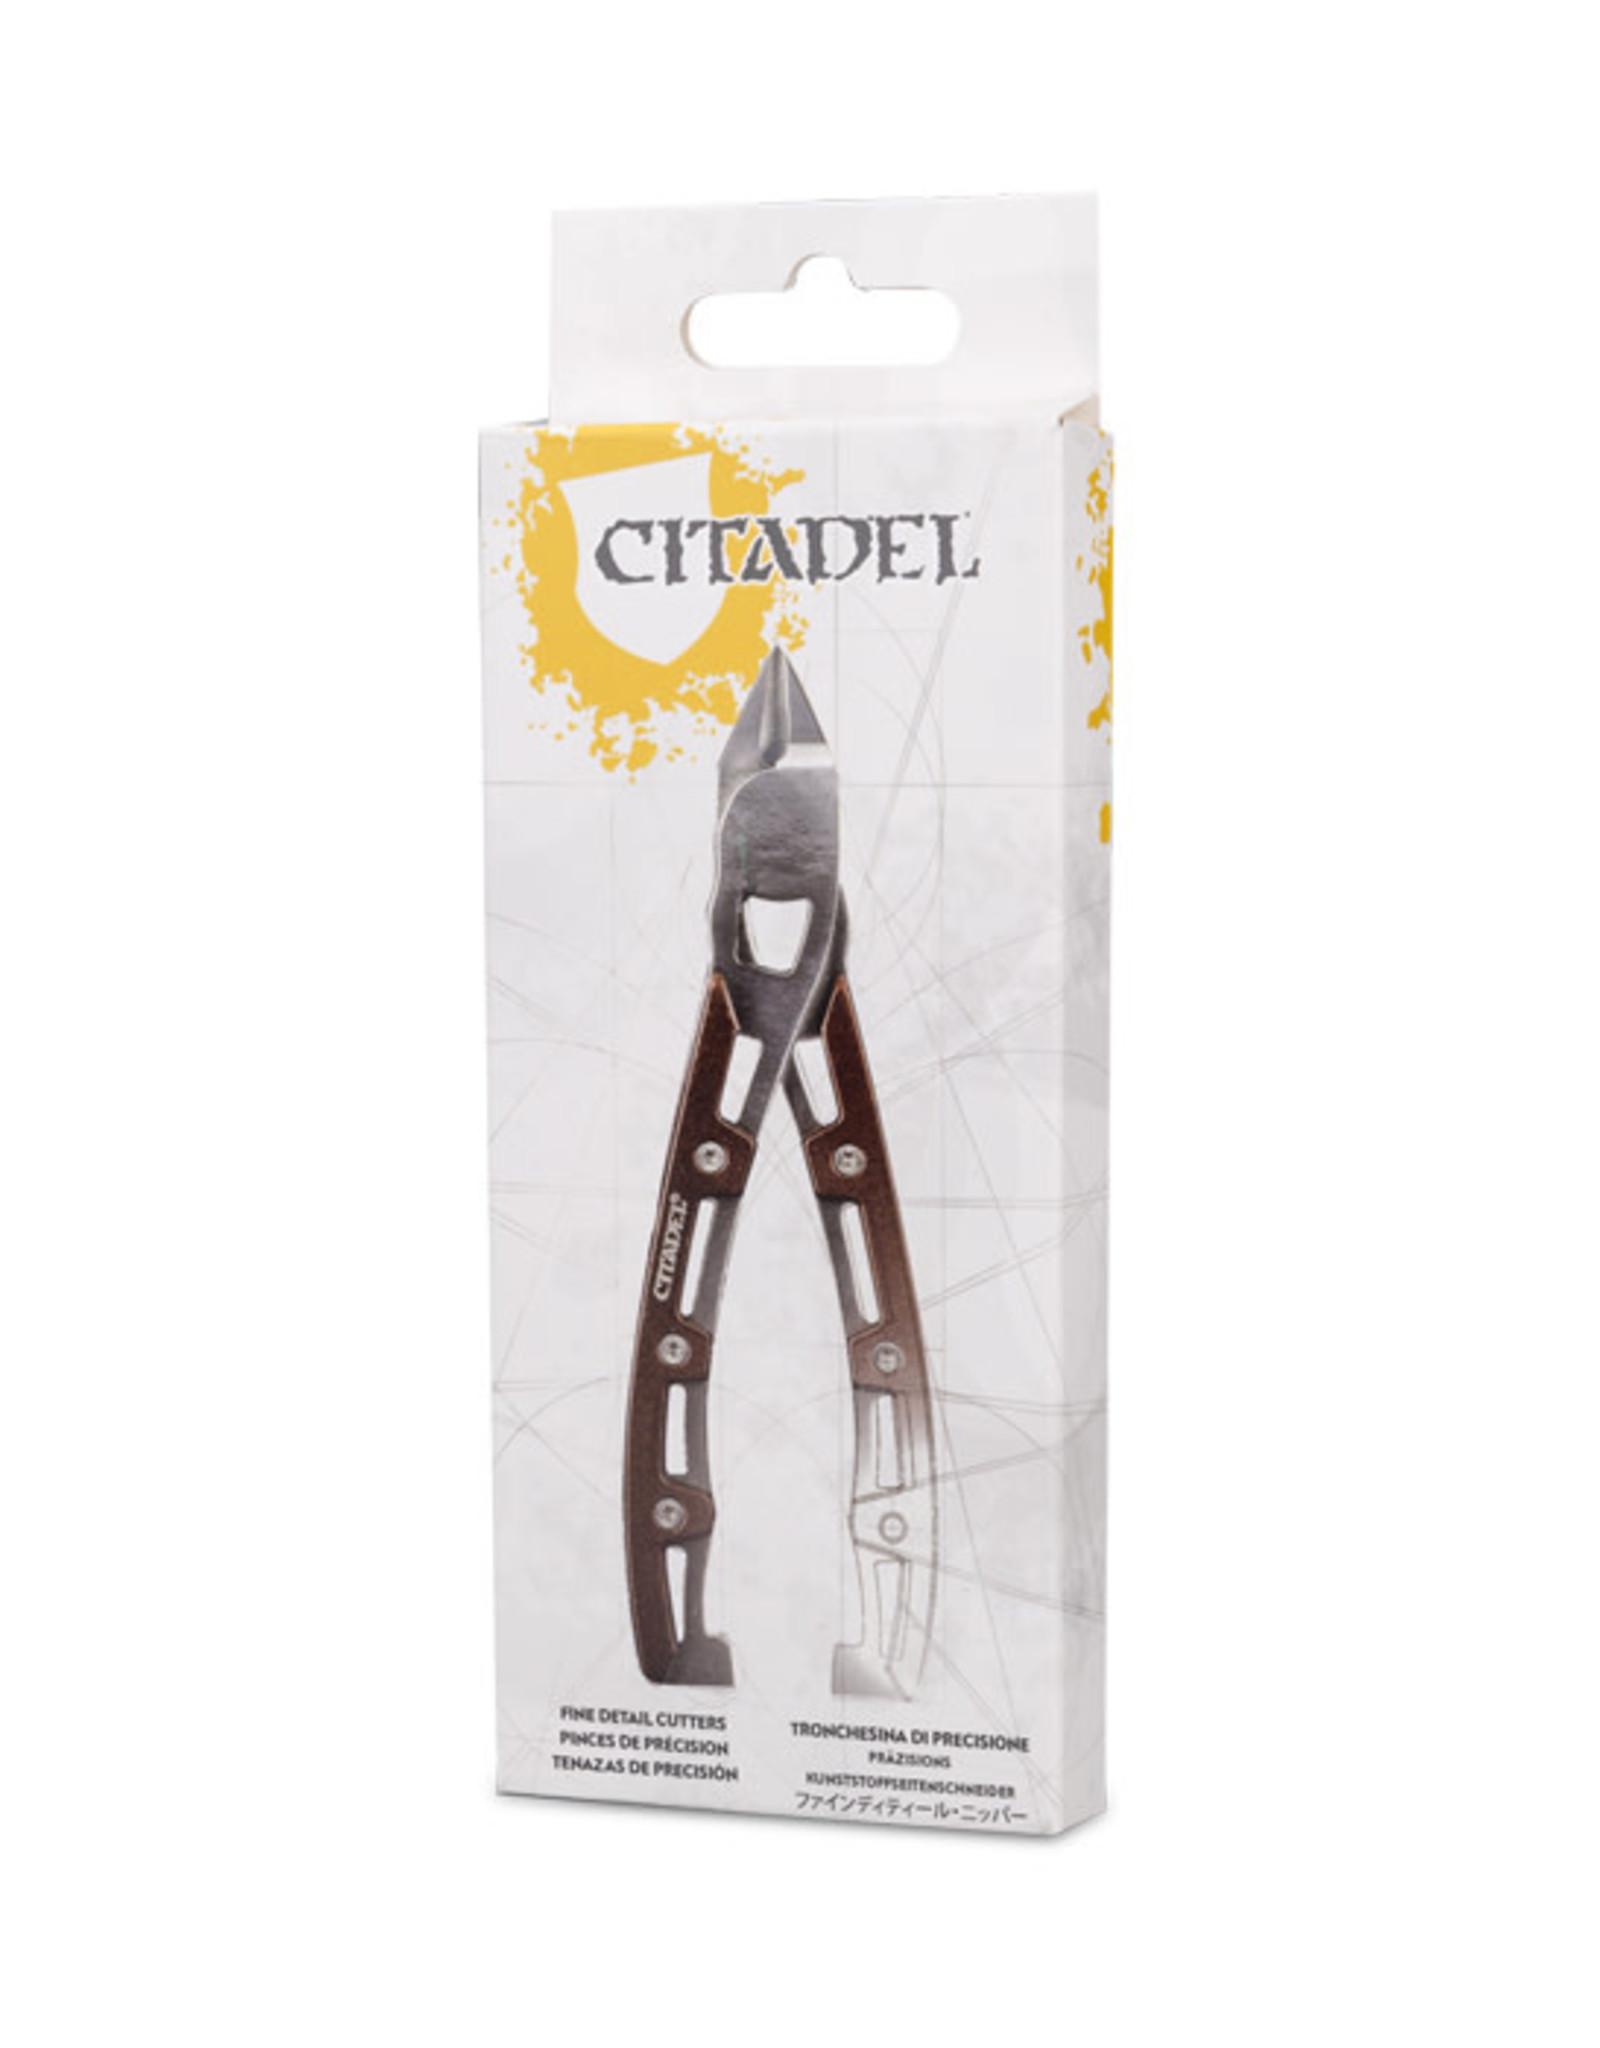 Citadel Citadel: Tool - Fine Detail Cutters